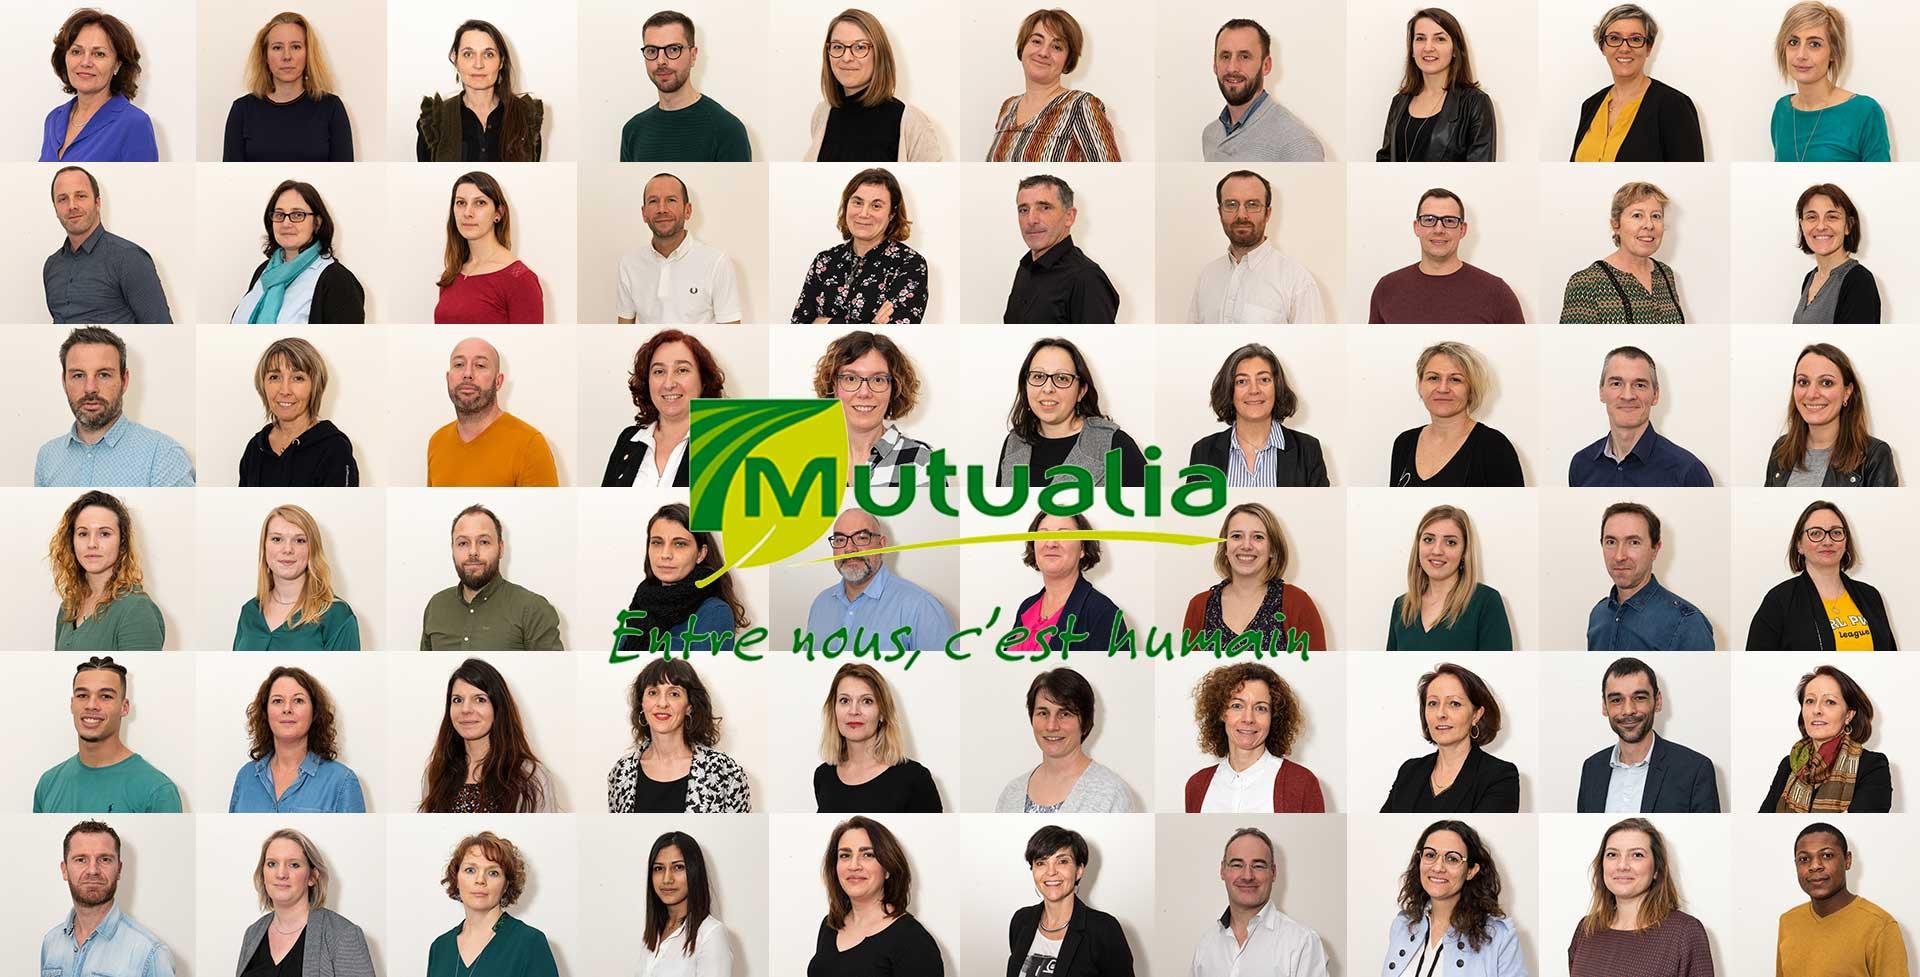 Le Groupe Mutualia est l'acteur de référence de la complémentaire santé de proximité -Maxime-Bodivit-Vision - Photographe-vidéaste-clohars-fouesnant